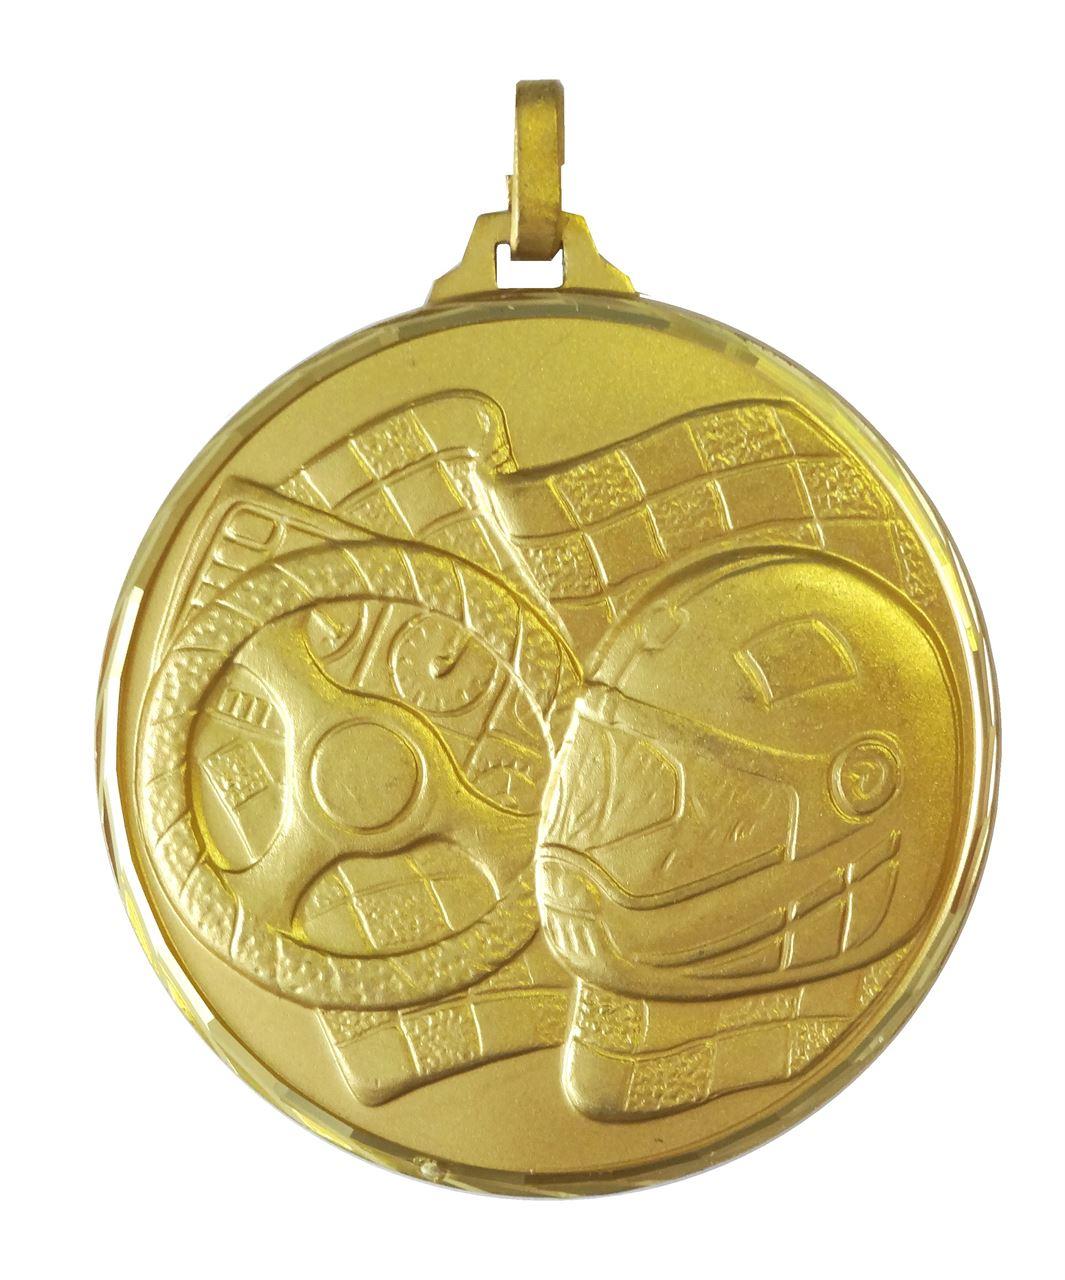 Gold Faceted Motor Sport Medal (size: 52mm) - 136/52G